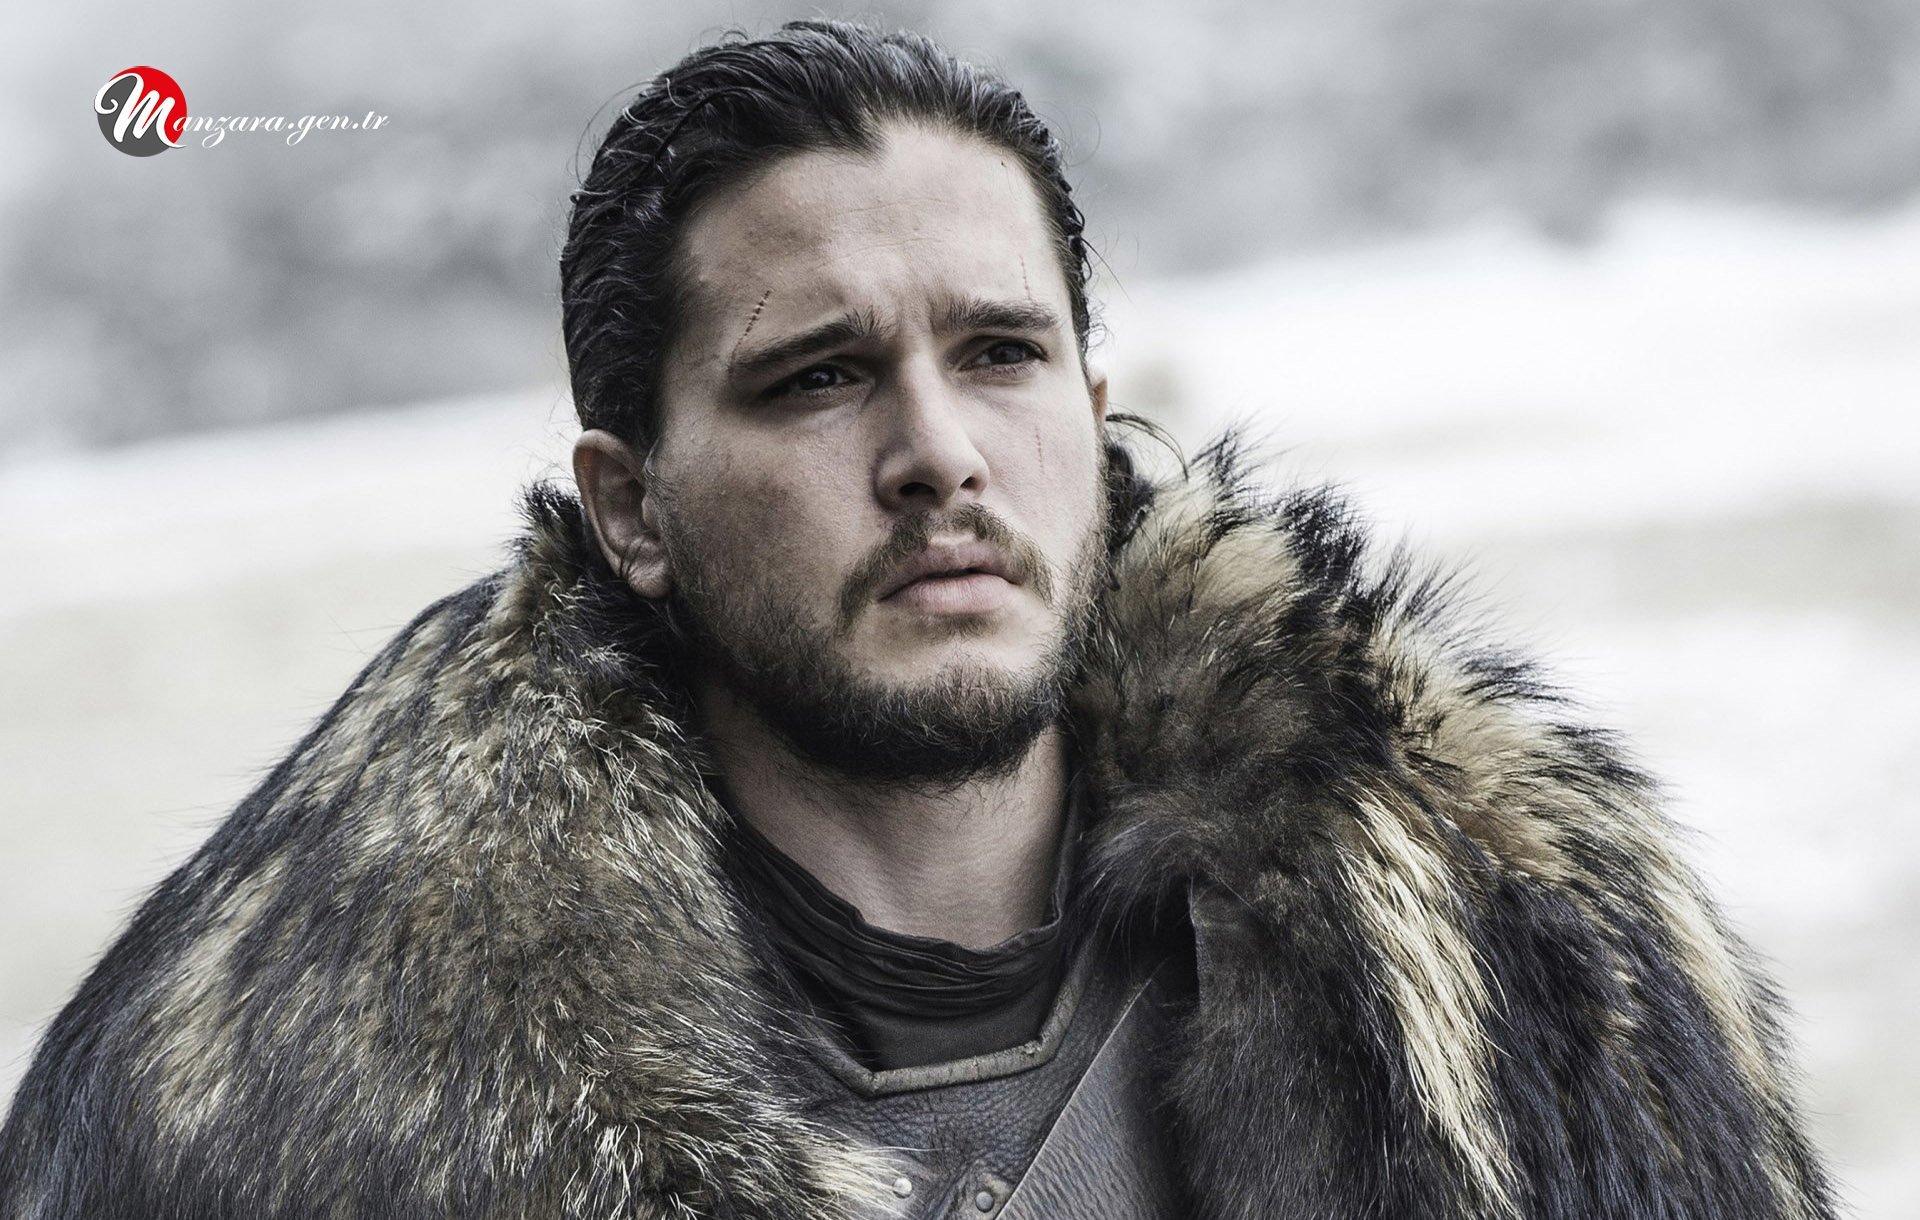 Jon Snow Arka Görüntüleri